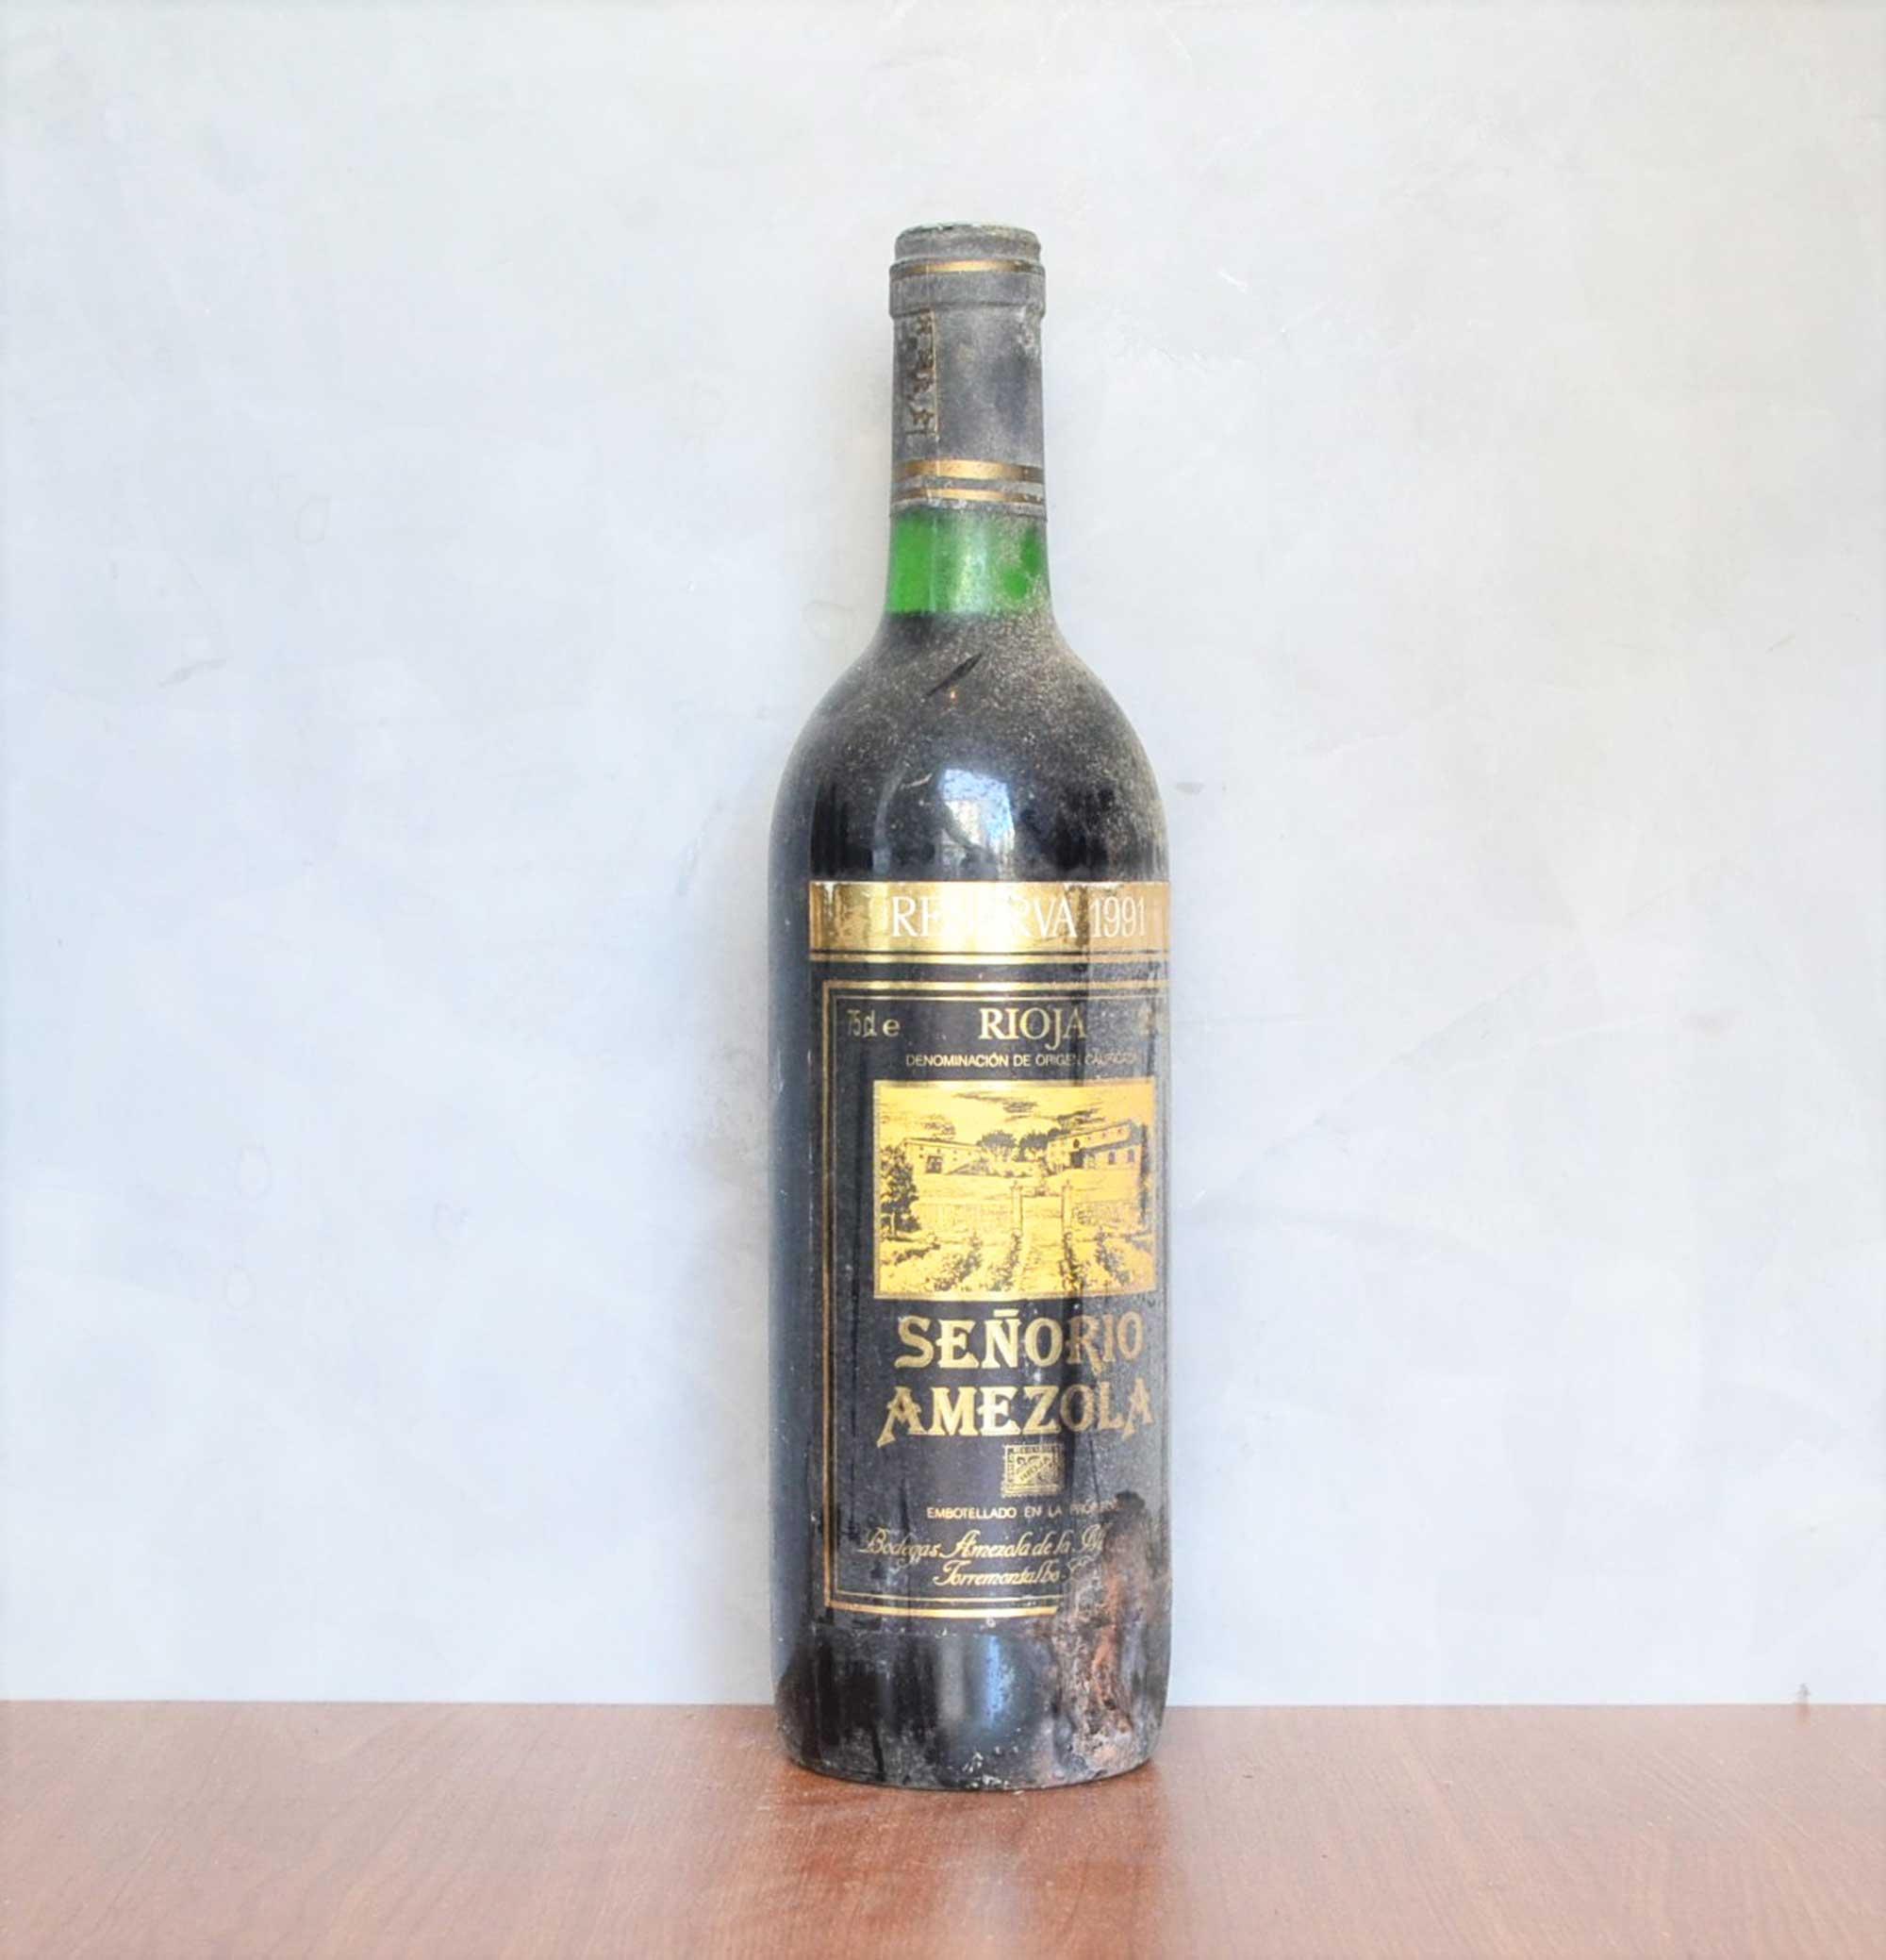 señorio amezola reserva 1991